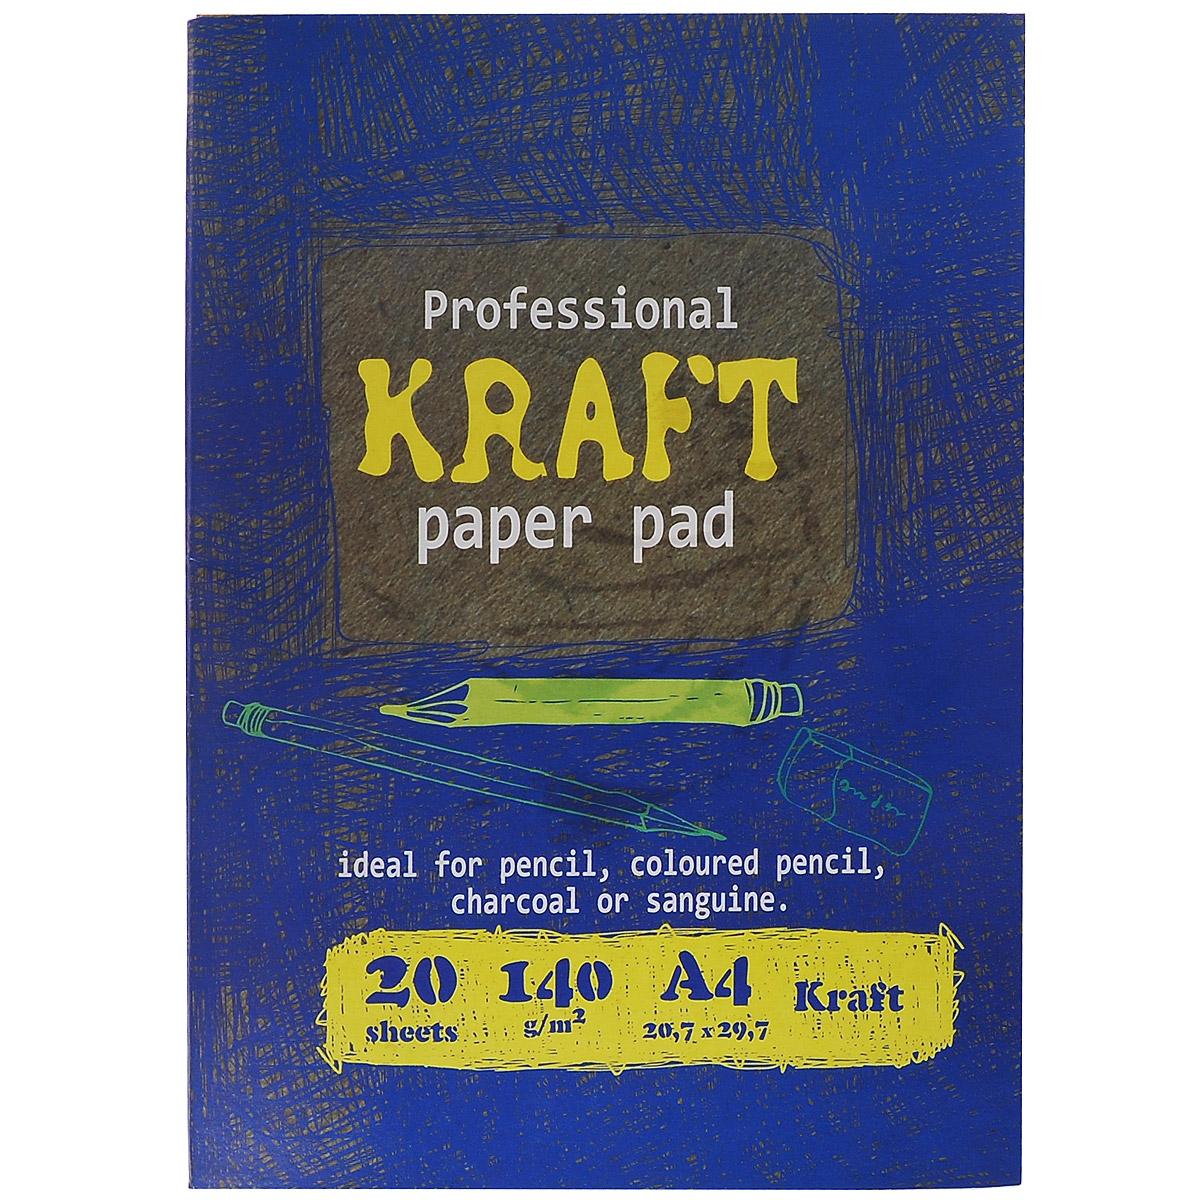 Папка для рисования и эскизов Kroyter, 20 листов, формат А472523WDПапка Kroyter предназначена для эскизов и рисования. Подходит для работ карандашами, пастелью, углем. Содержит 20 листов бумаги. Обложка - высококачественный мелованный картон. Использованные листы удобно хранить в папке.